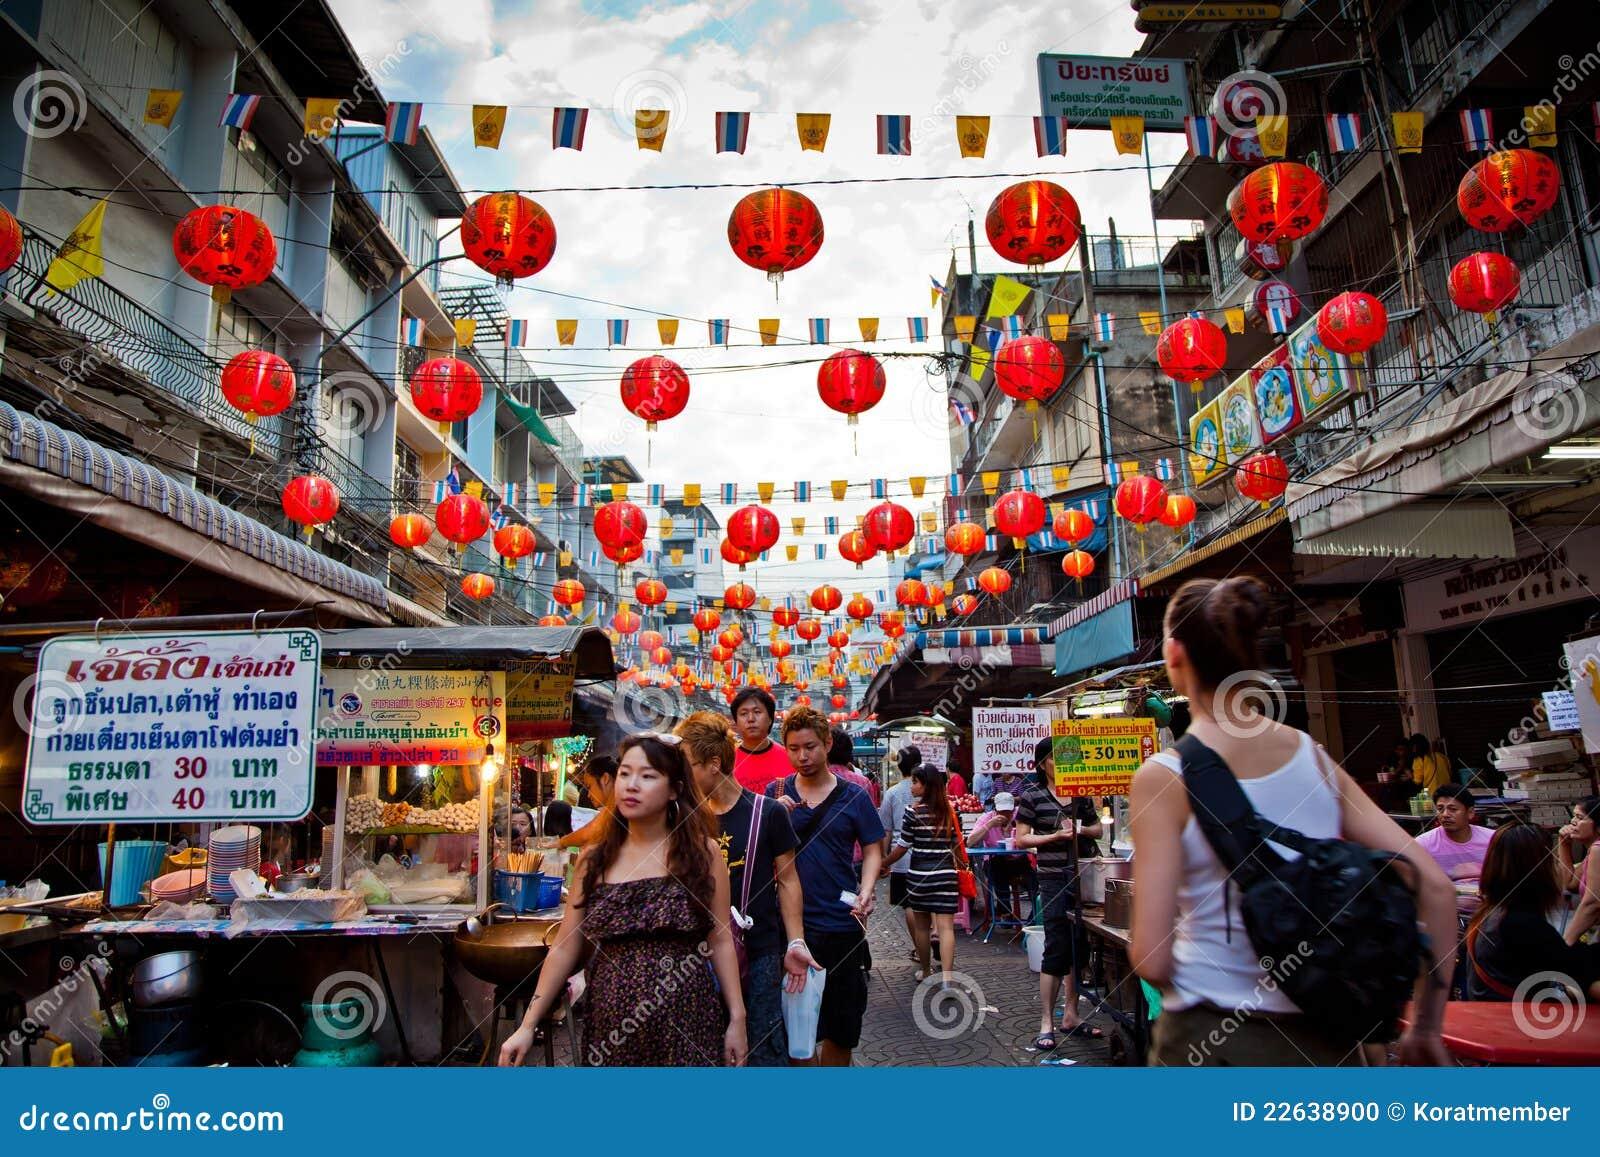 bangkok china town editorial image  image of people  fruit